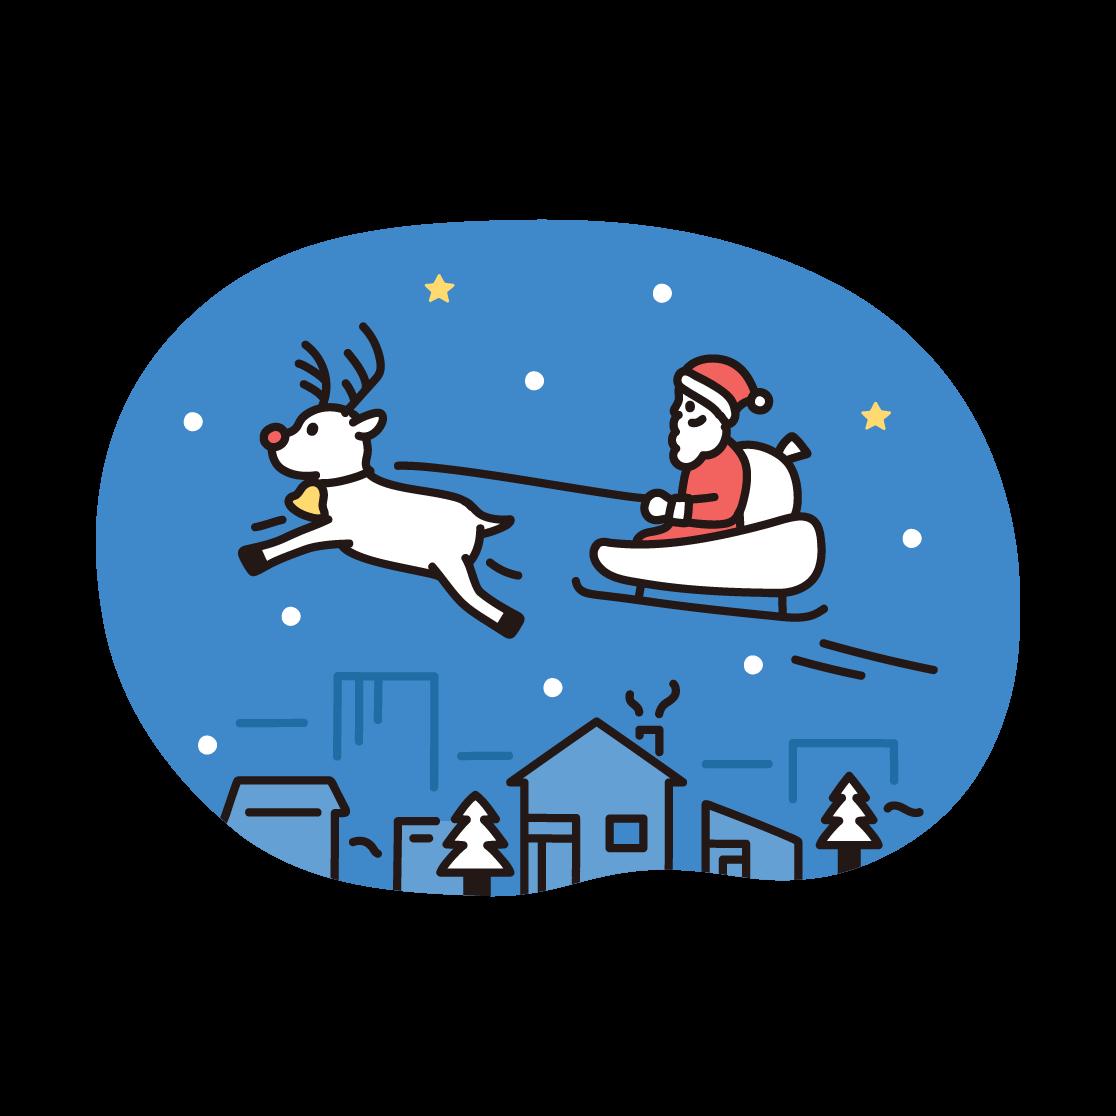 クリスマス(サンタとトナカイ)のイラスト